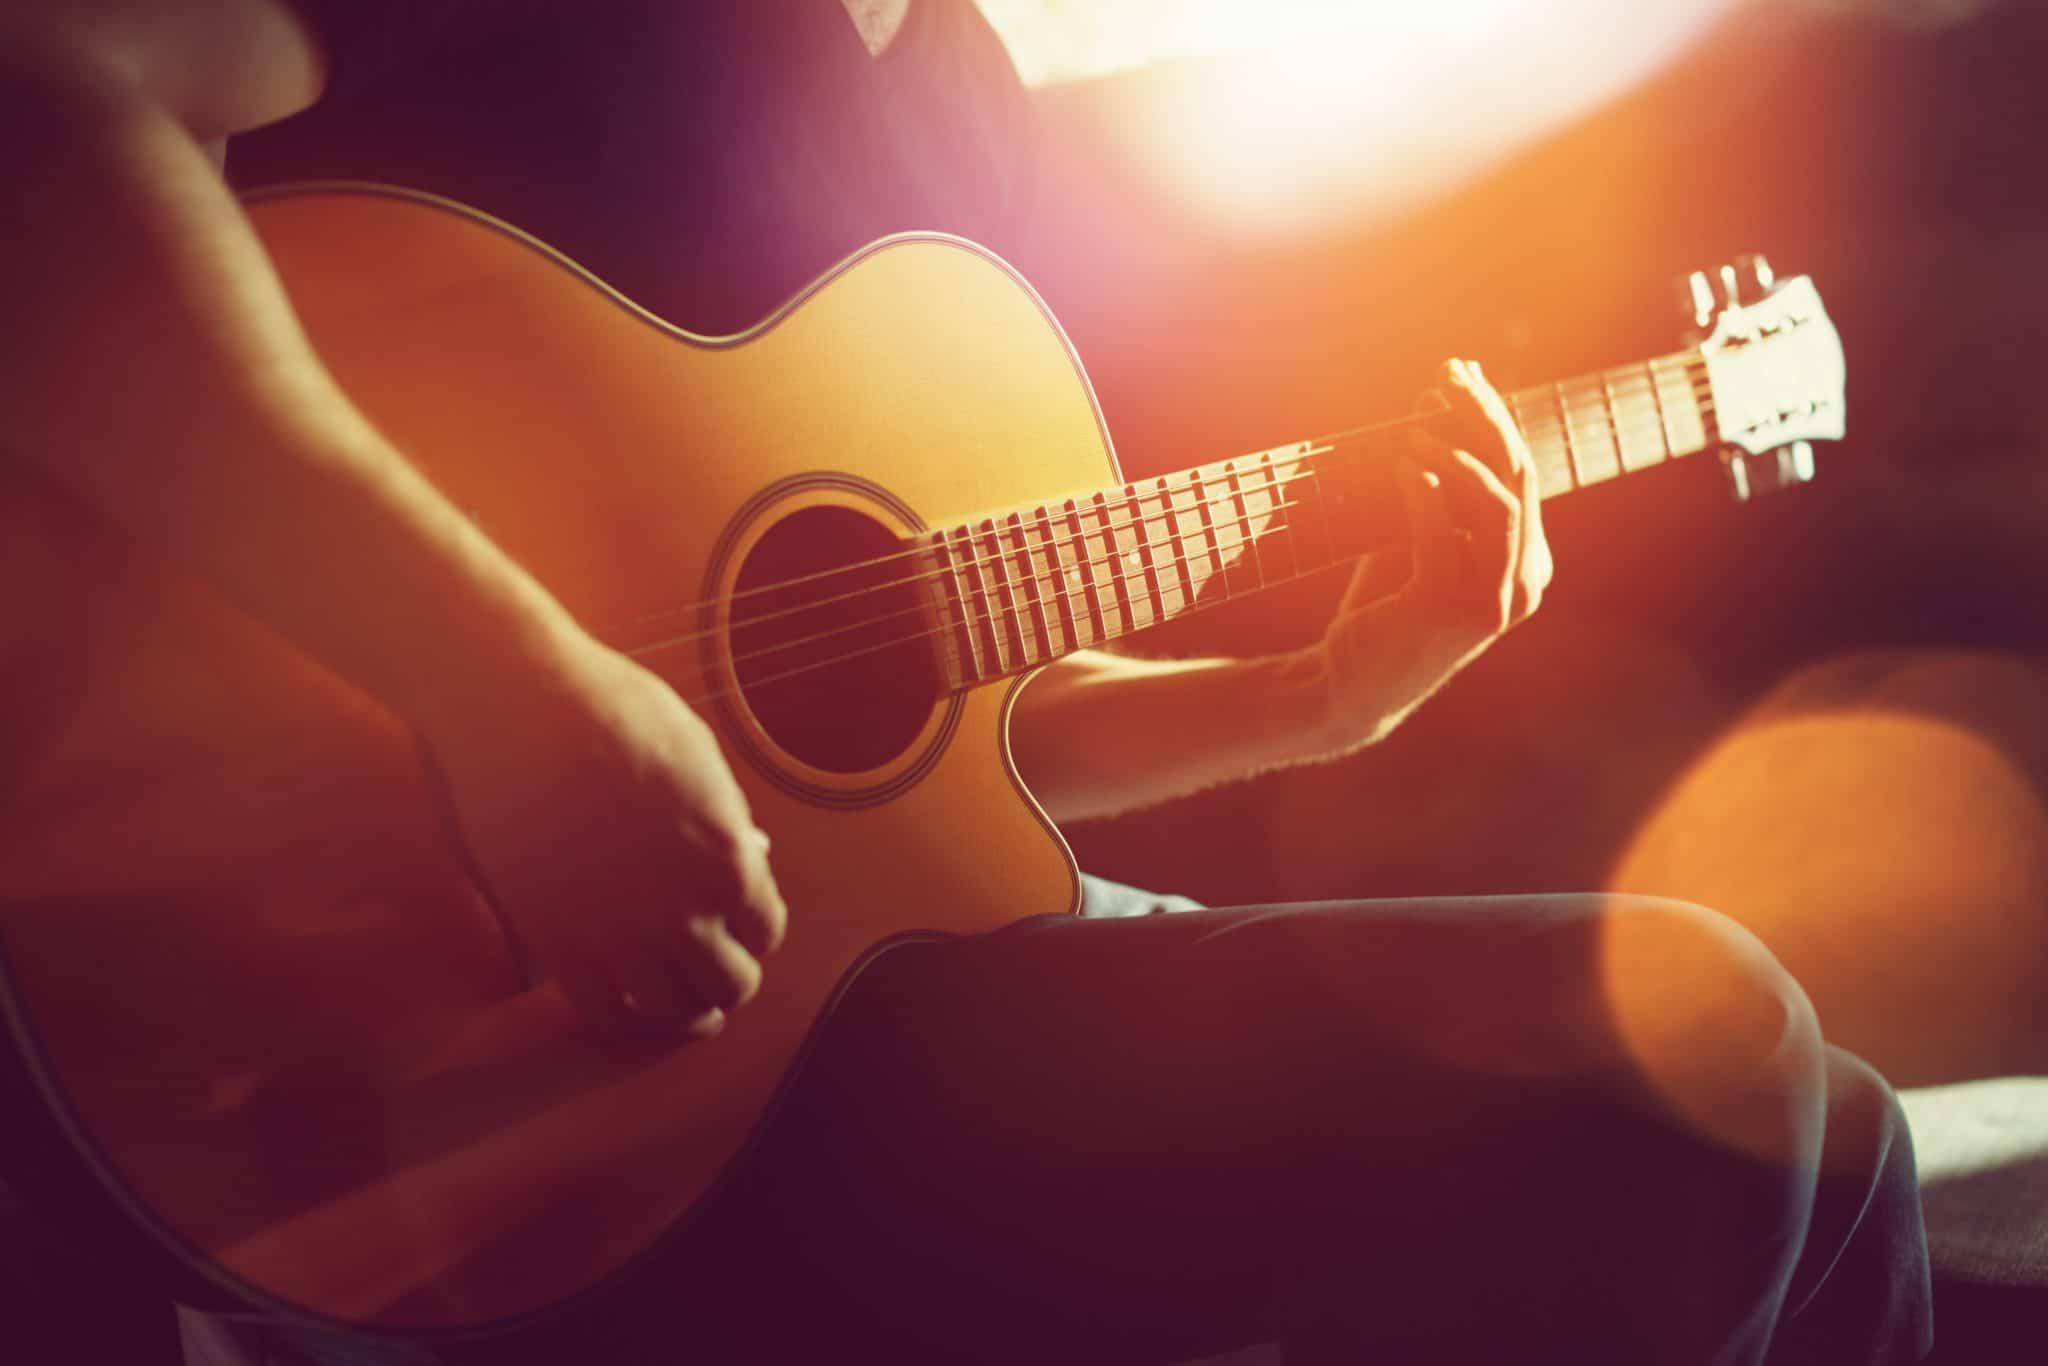 cours de guitare pour adultes à marseille en groupe